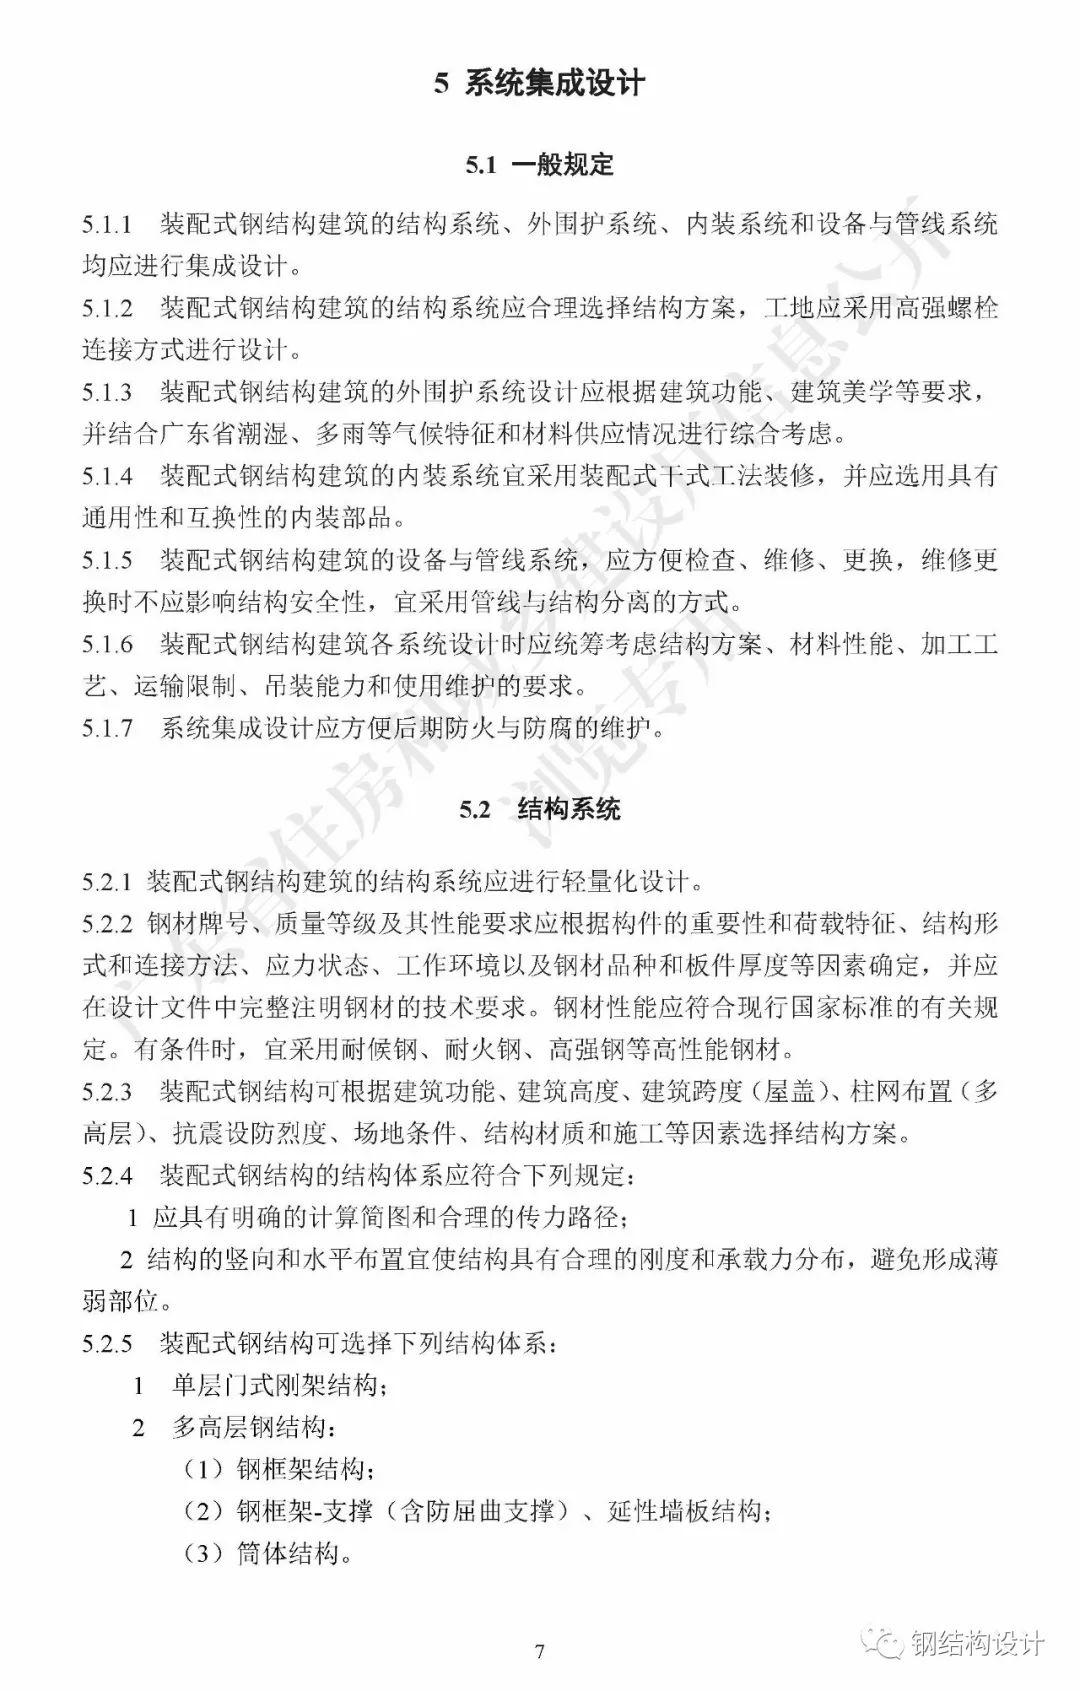 广东省《装配式钢结构建筑技术规程》发布_17